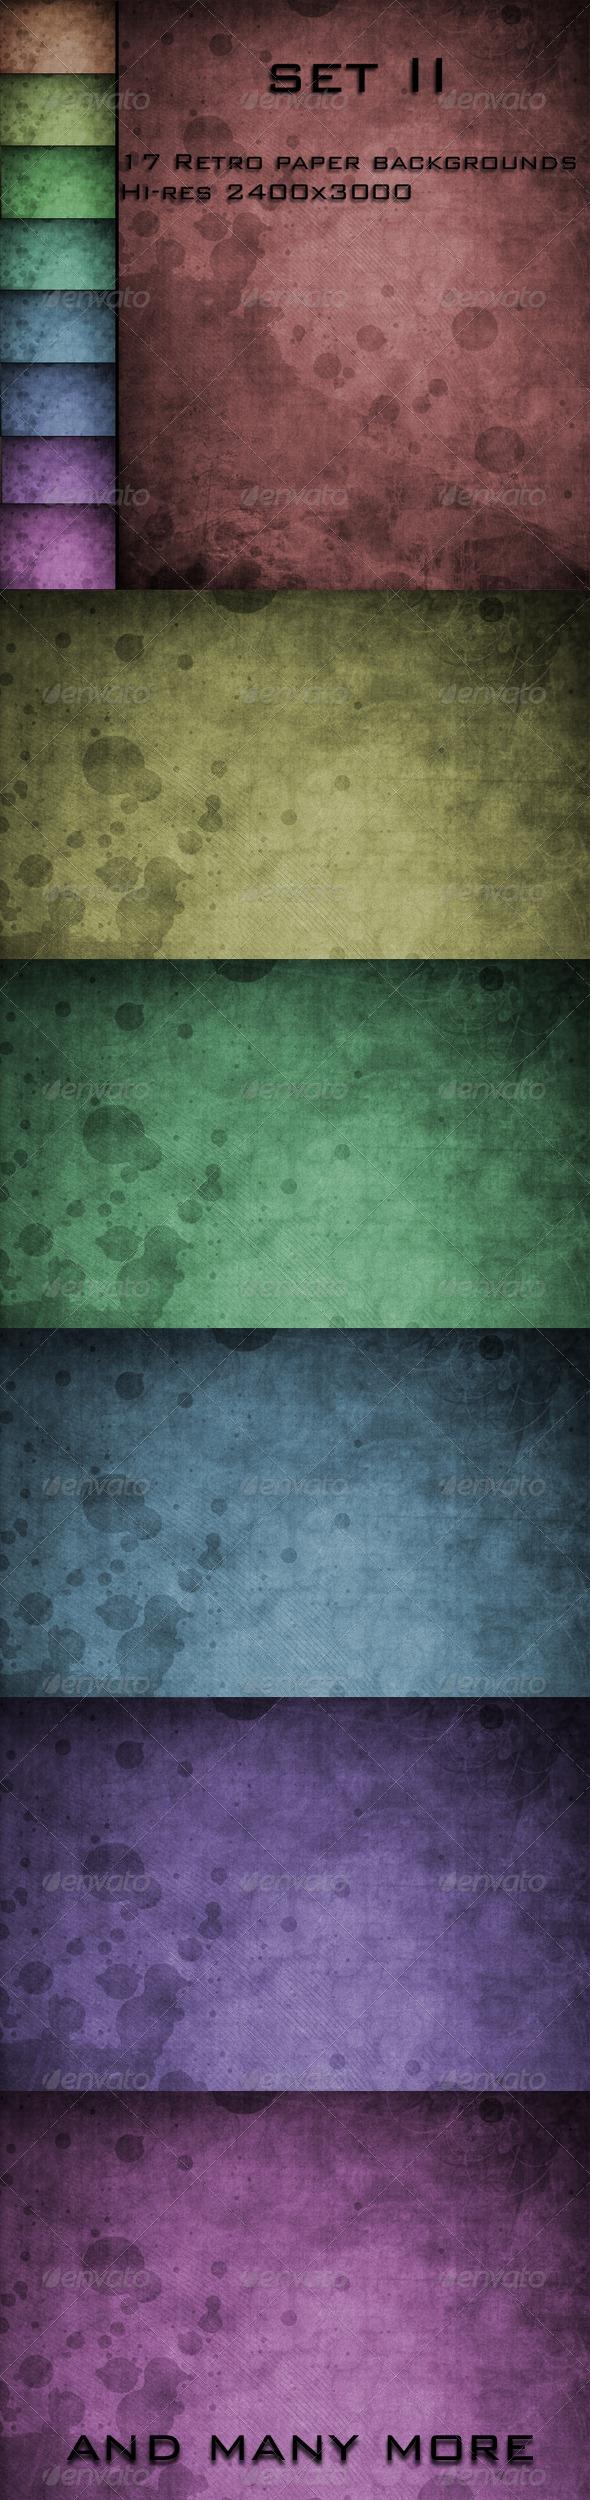 GraphicRiver 17 Retro Paper Backgrounds set I I 4151735